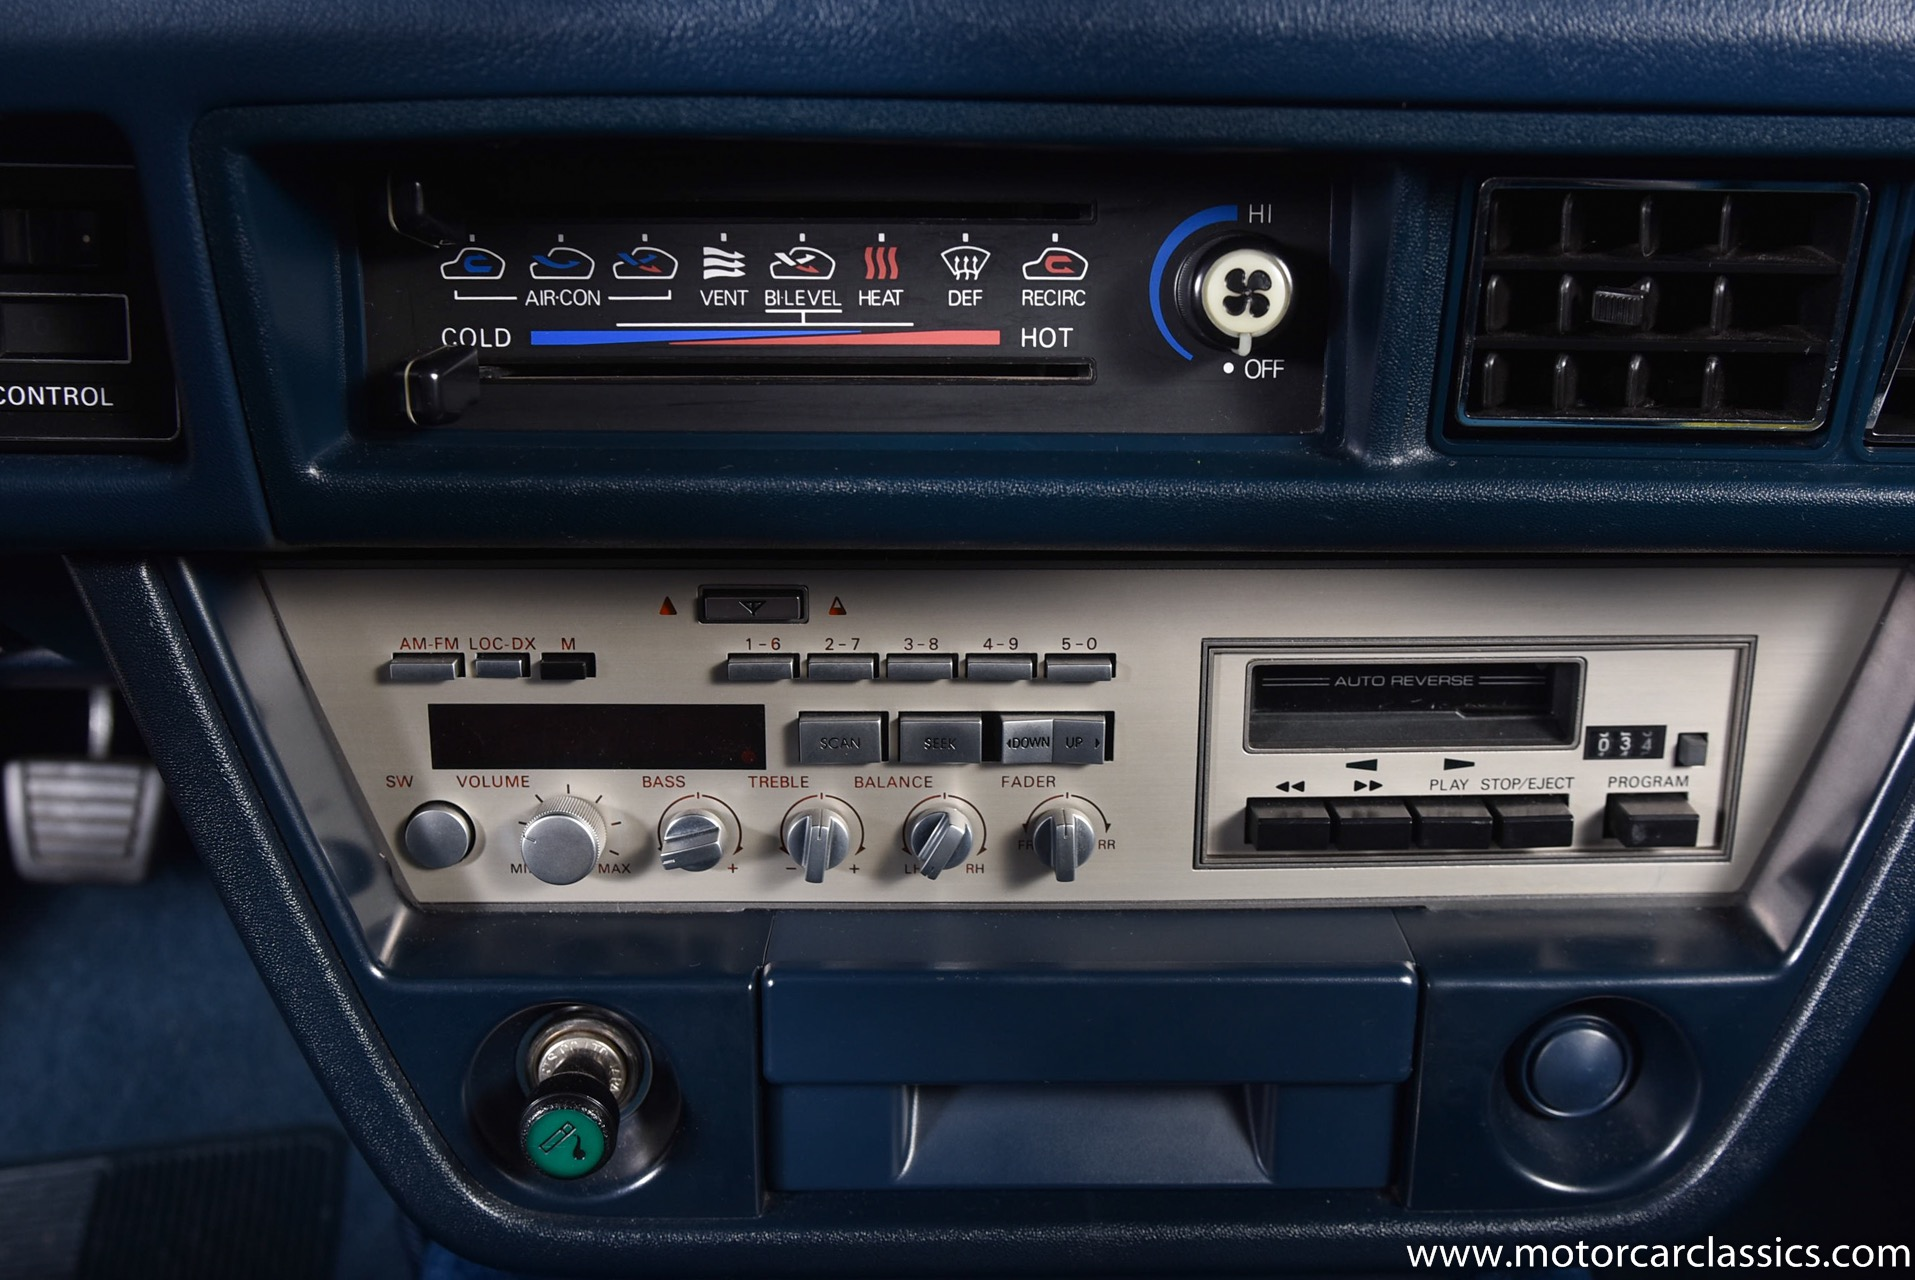 1981 Datsun 280ZX Deluxe